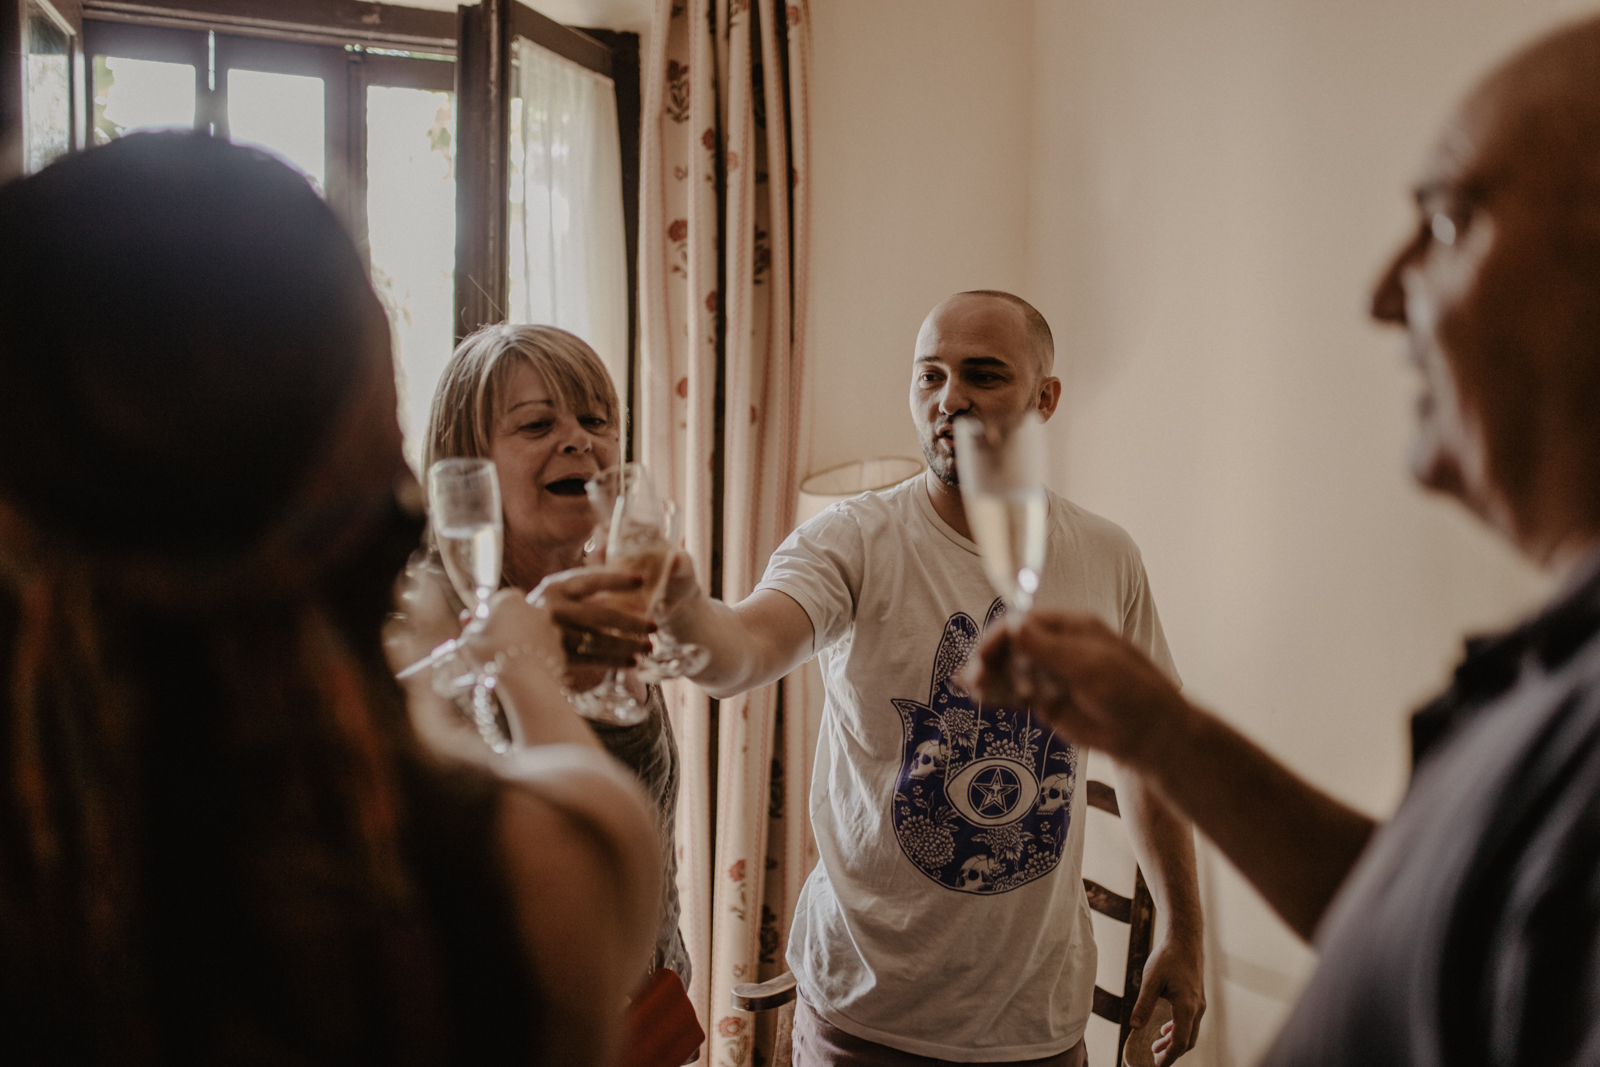 thenortherngirlphotography_photography_thenortherngirl_rebeccascabros_wedding_weddingphotography_weddingphotographer_barcelona_bodaenlabaronia_labaronia_japanesewedding_destinationwedding_shokoalbert-155.jpg